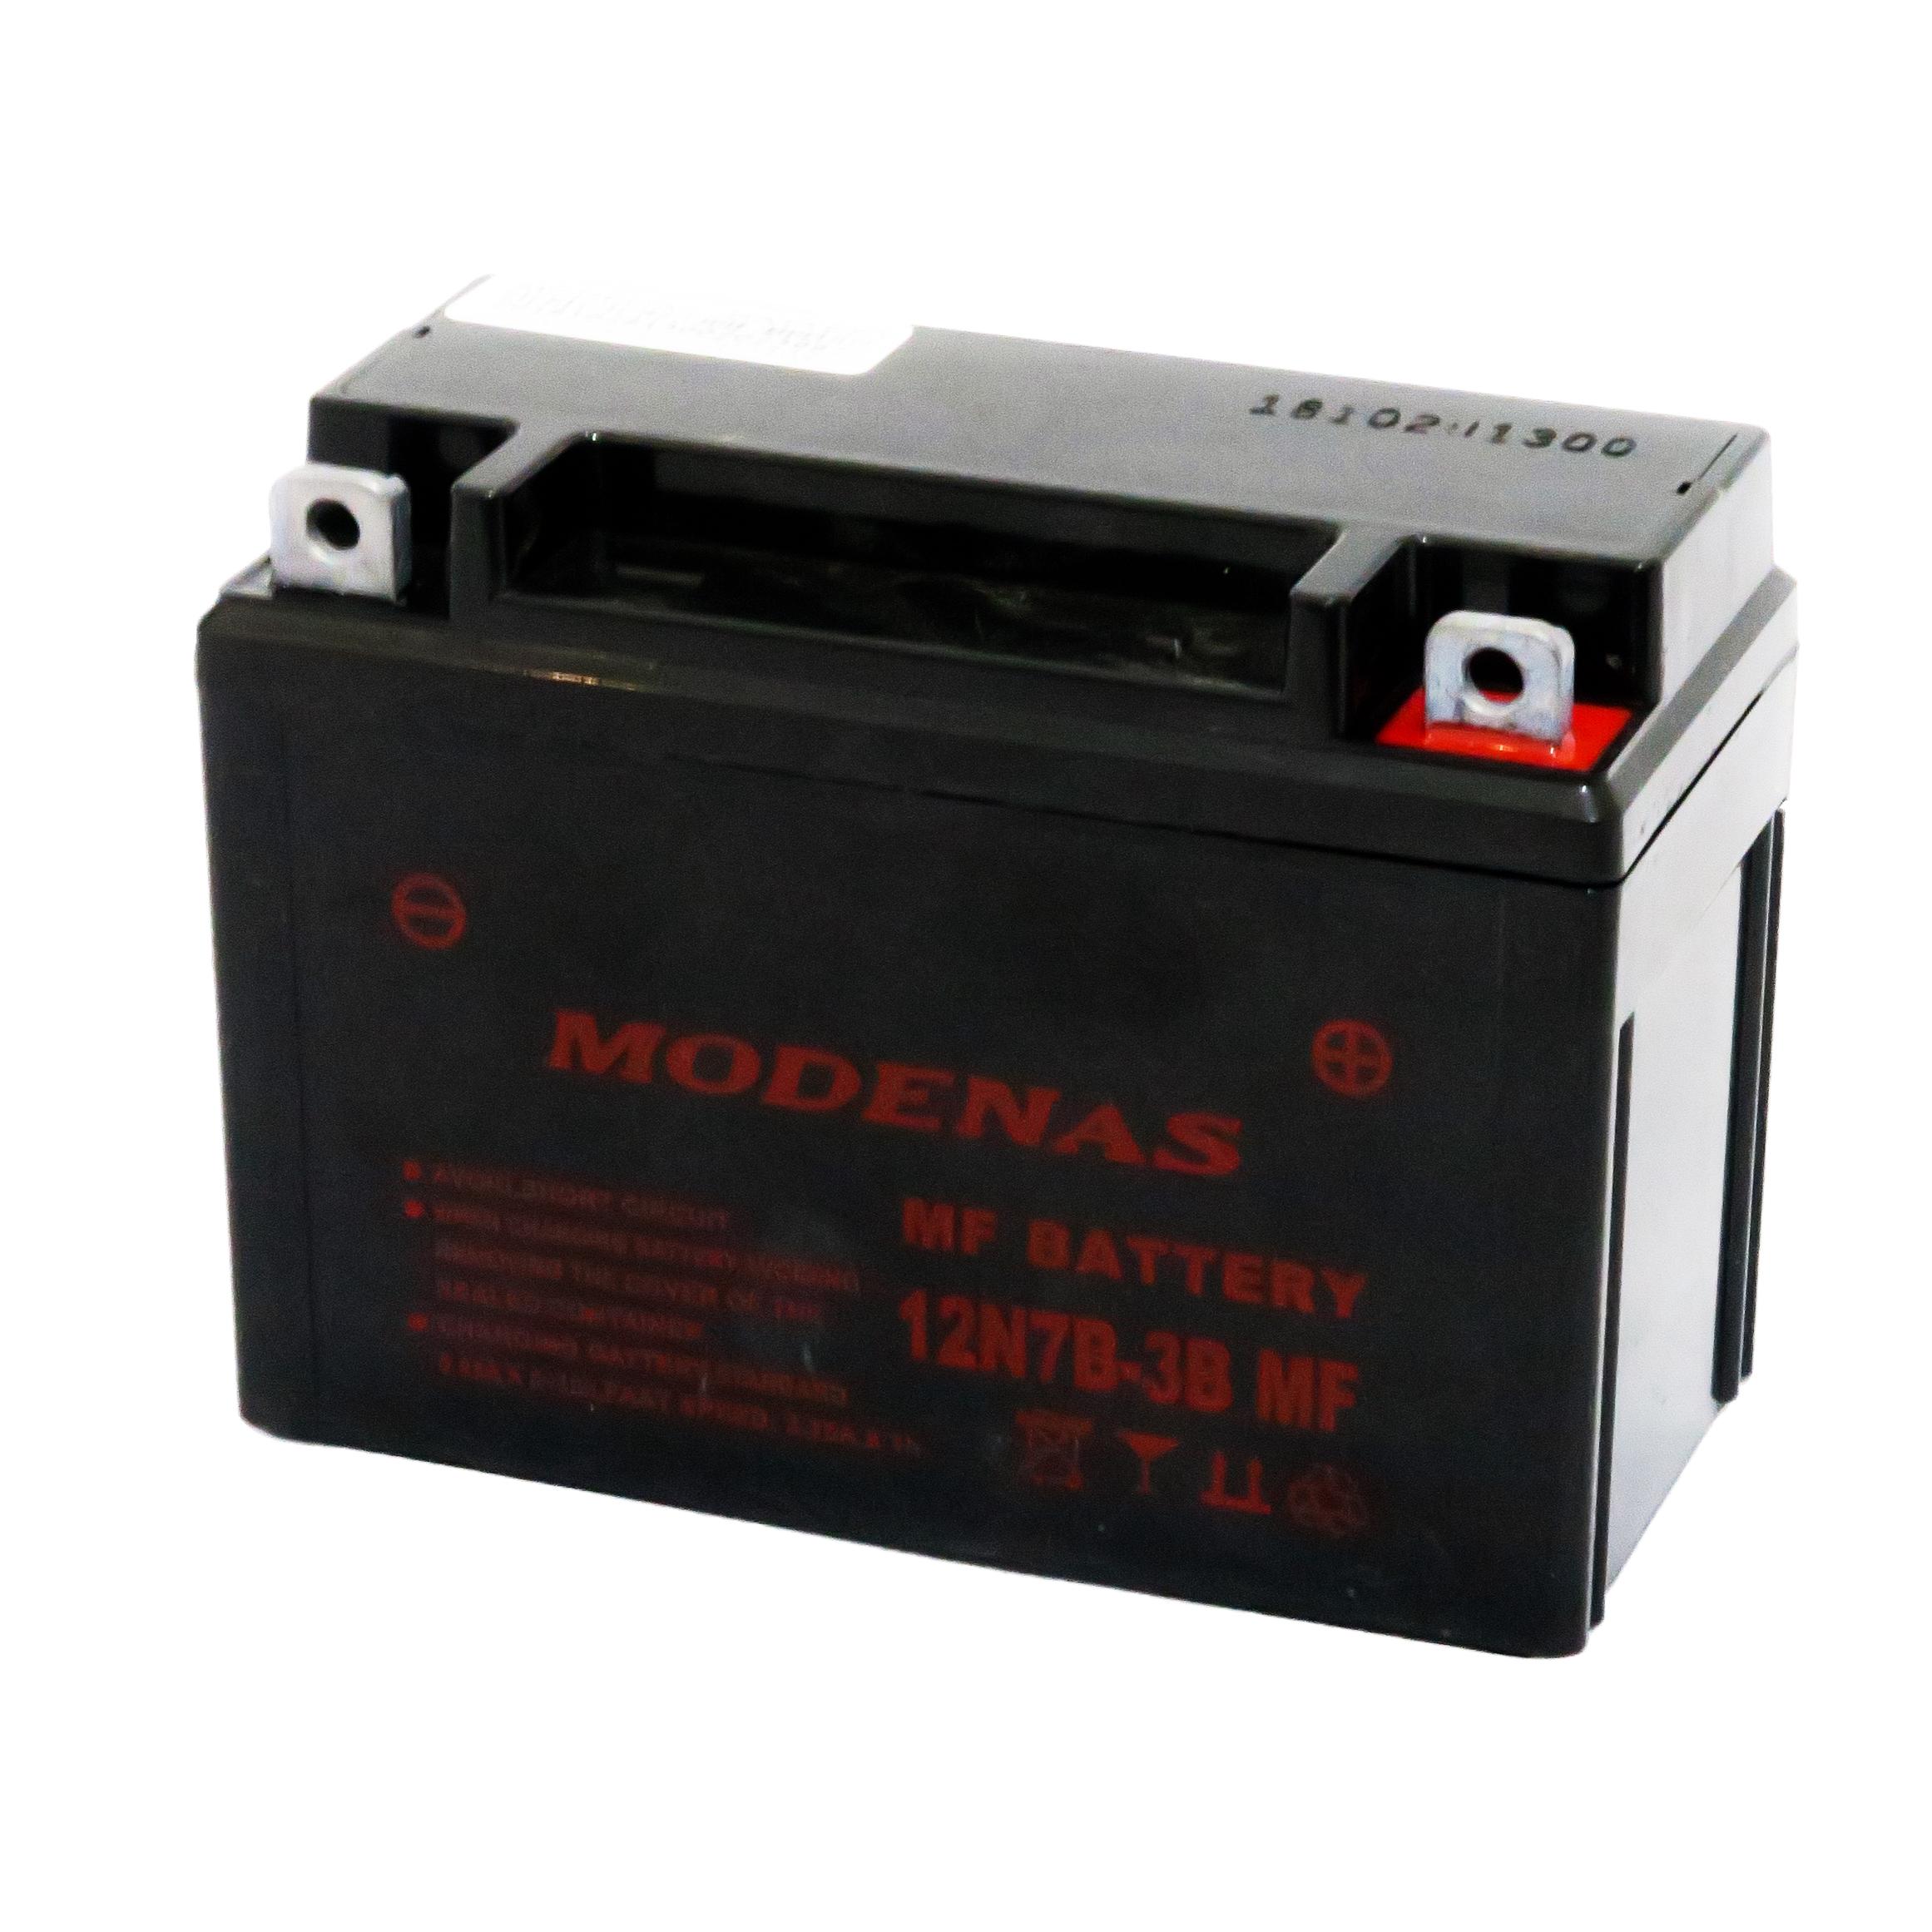 باتری موتور سیکلت مودناس مدل 12V7 مناسب برای طرح هندا استارتی